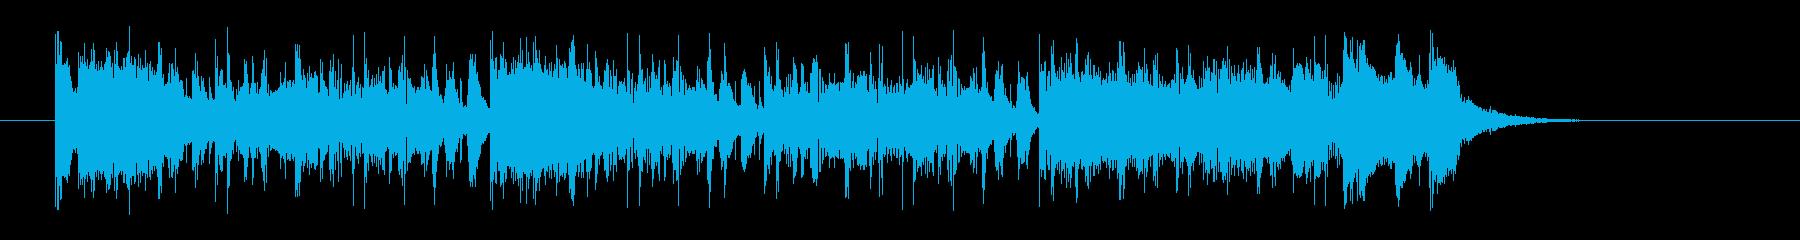 オールドスクールシンセサイザーの再生済みの波形